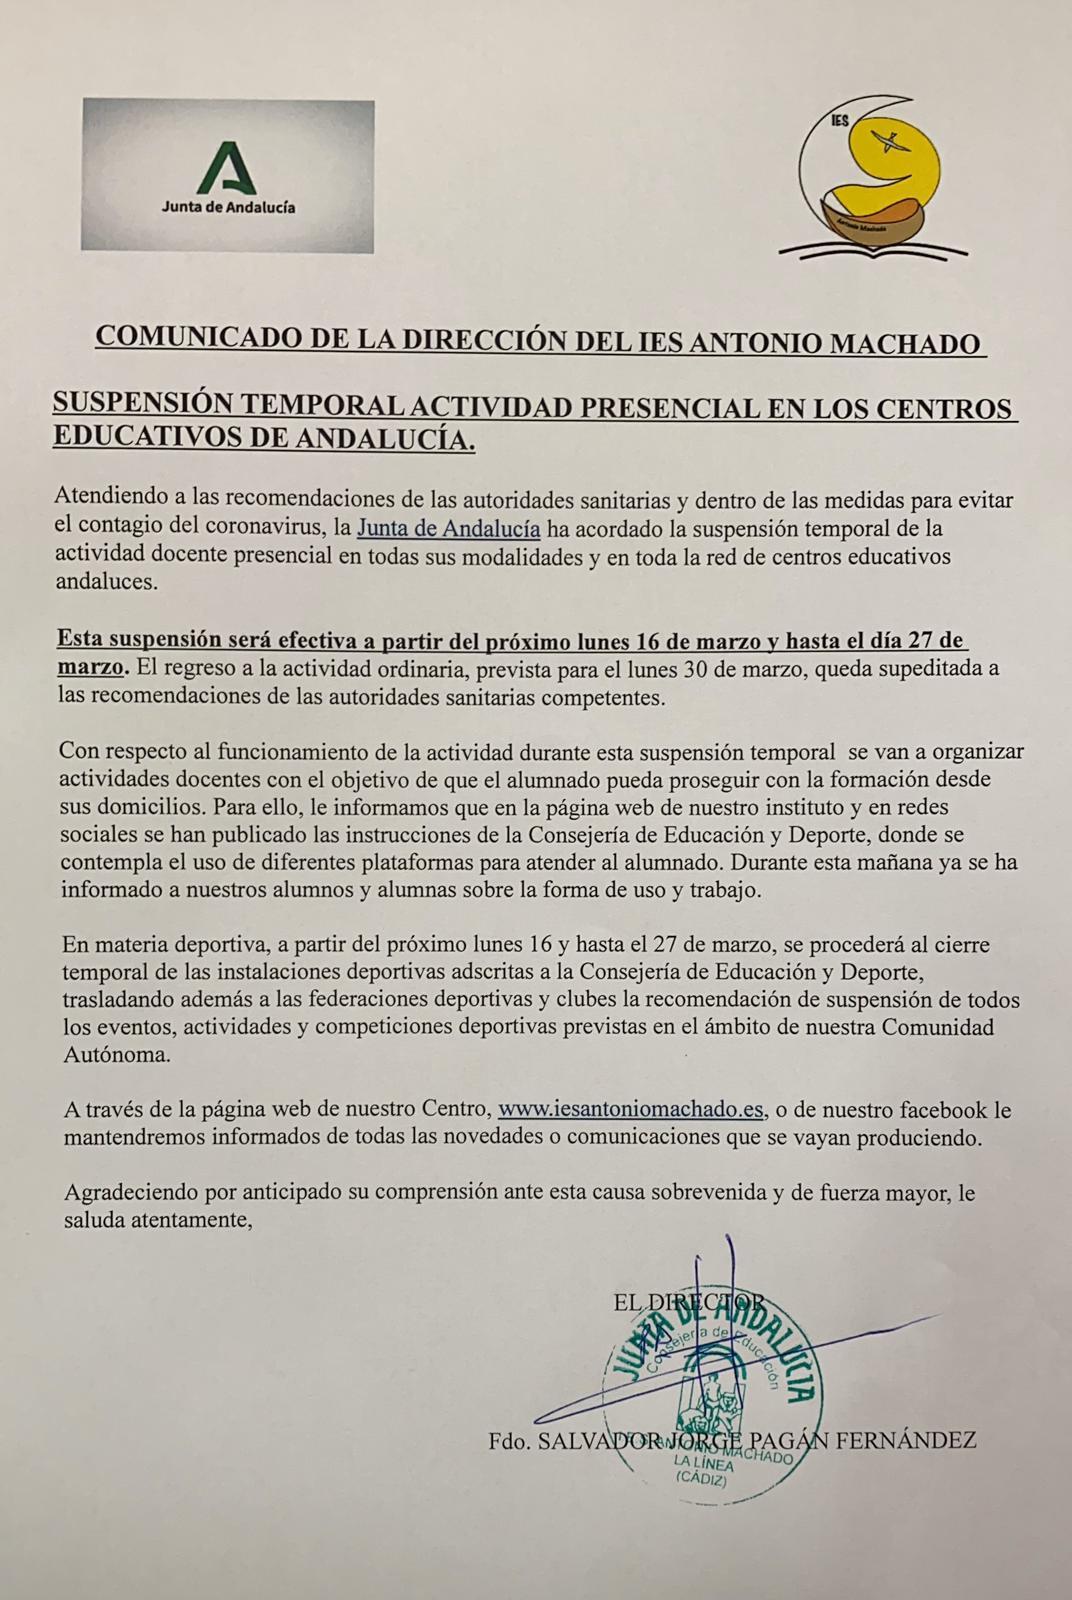 Imagen de la noticia: Comunicado de la Dirección del Centro con relación a la suspensión temporal de la actividad docente por el COVID 19. [Actualizado]